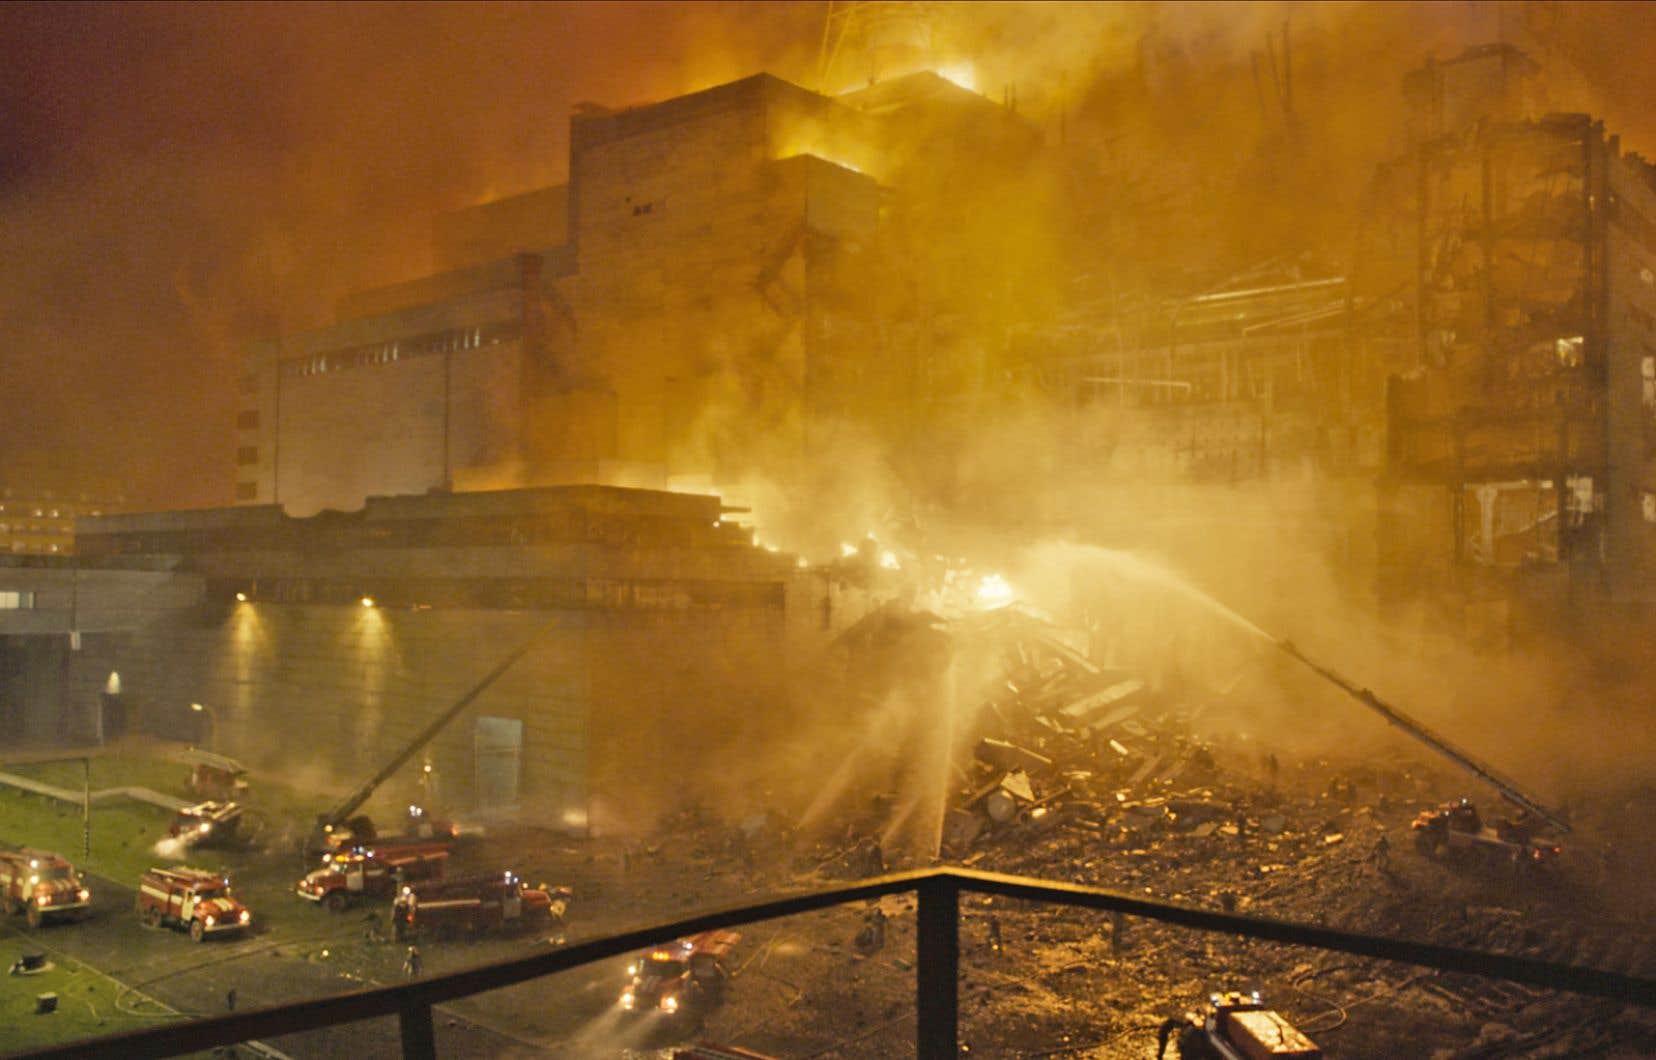 La minisérie «Tchernobyl», attire de nombreux observateurs curieux dans les lieux de tournage en Lituanie. Ci-dessus, une image tirée d'une scène de la série.